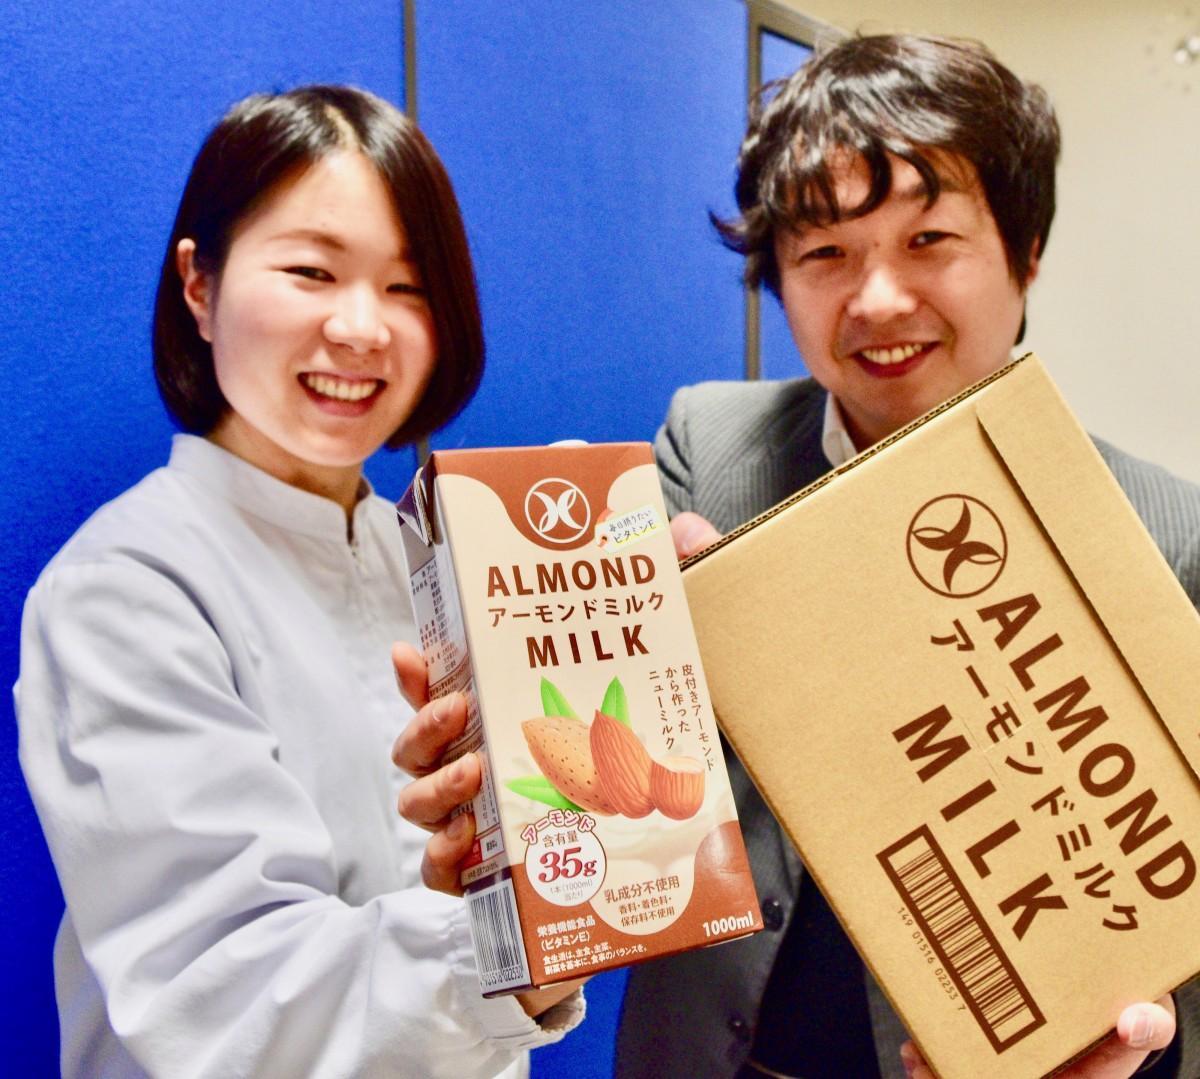 九州乳業の「アーモンドミルク」